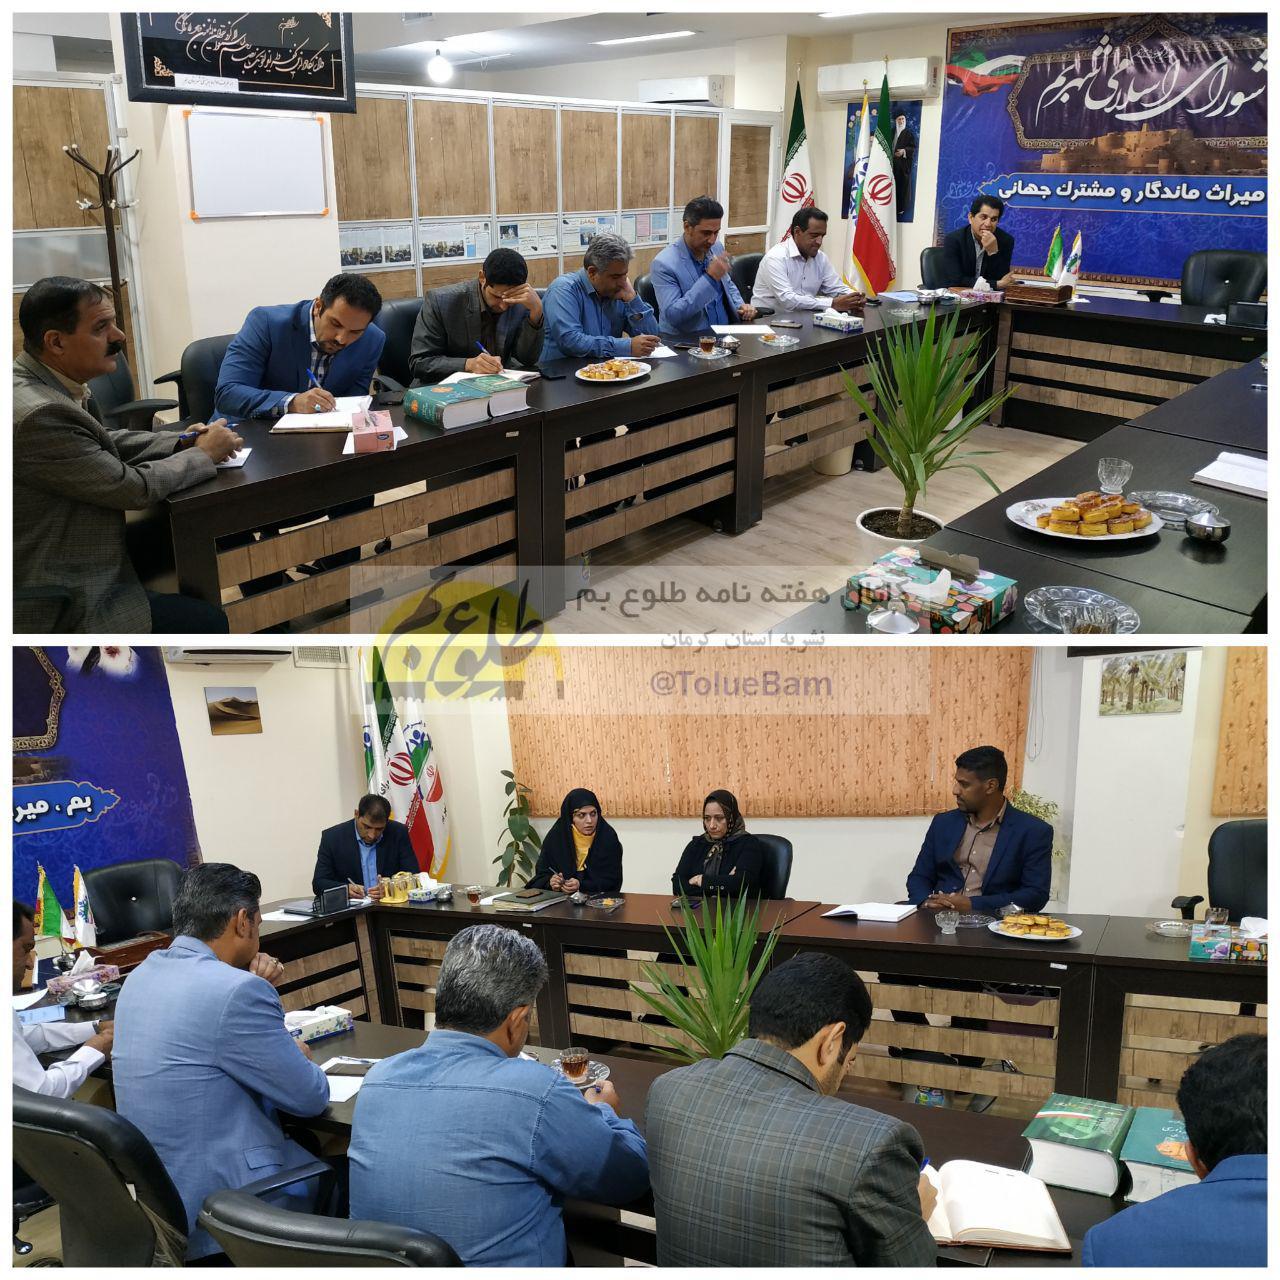 شرح جلسات کمیسیون های فرهنگی و عمرانی شورای شهر بم در تاریخ ۲۲ آبان ۹۷